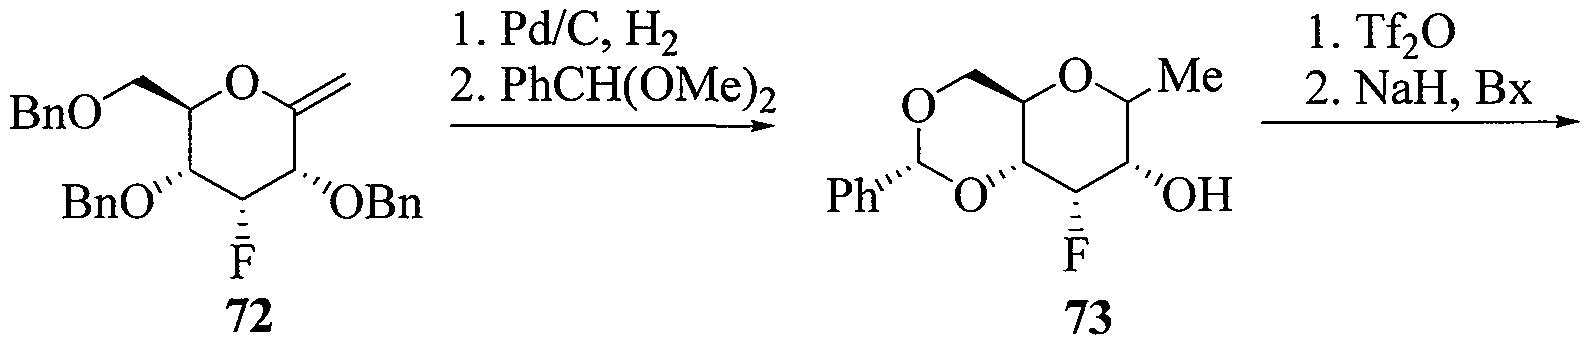 Figure imgf000113_0003